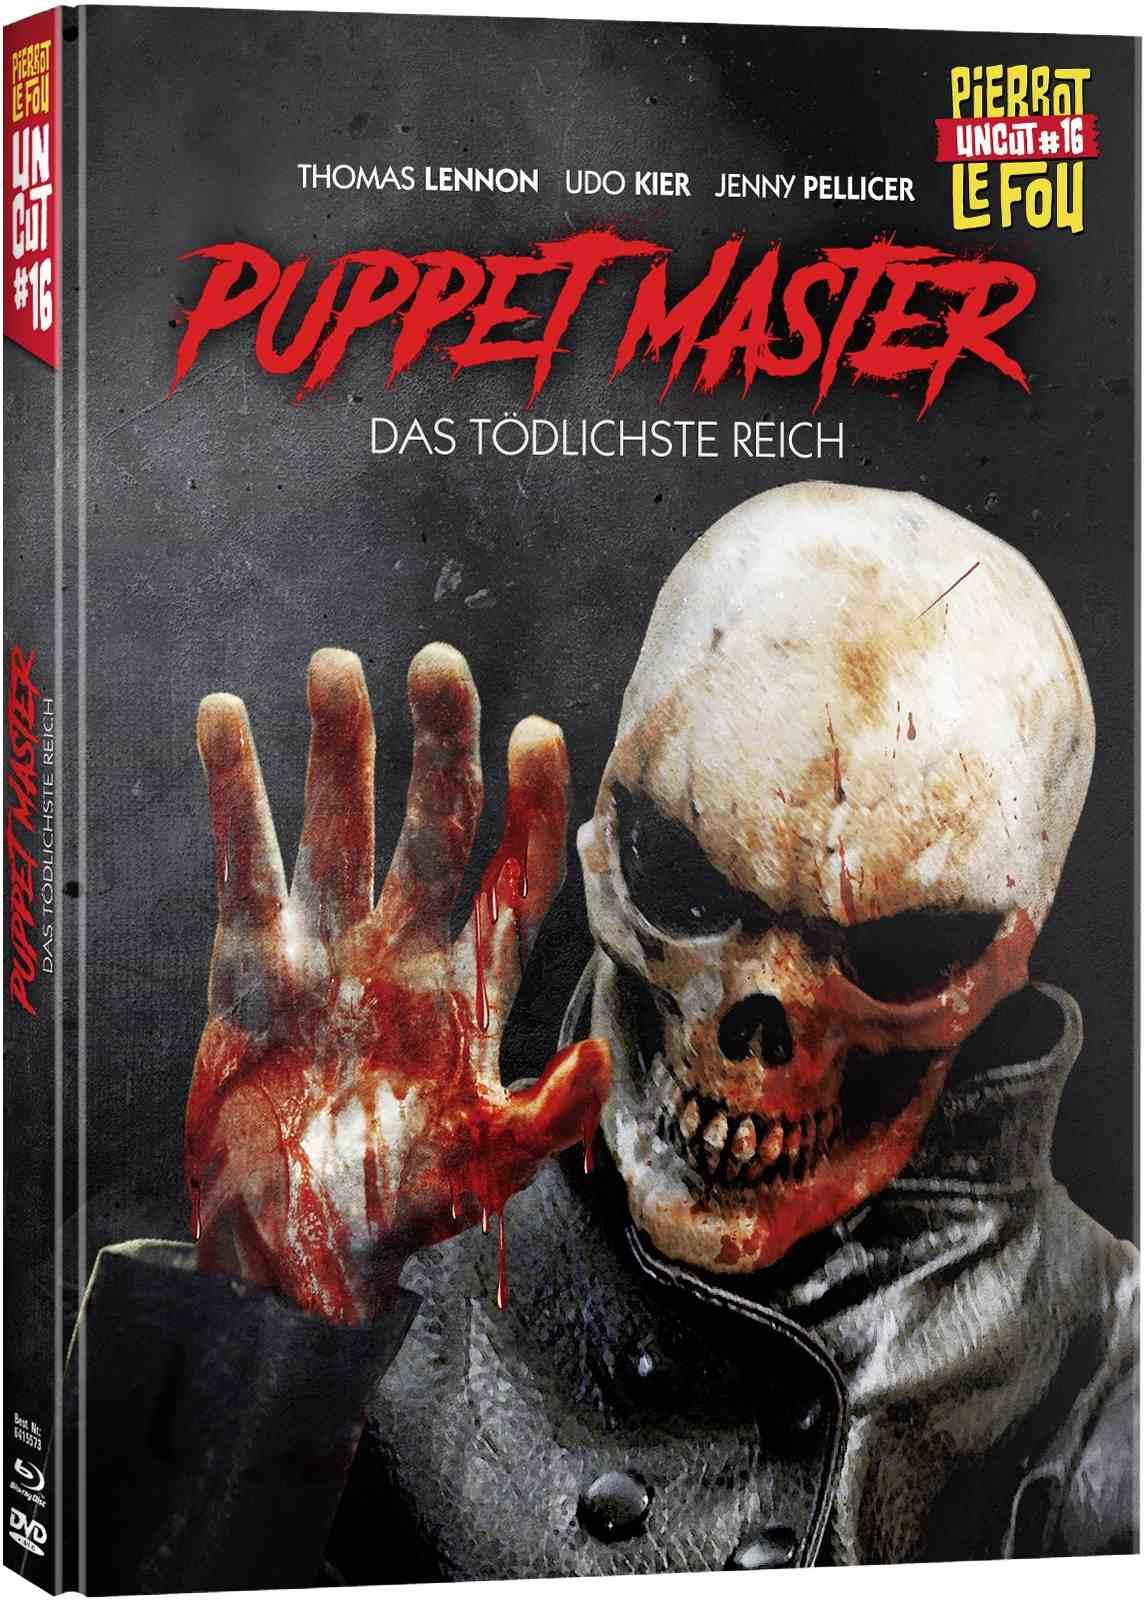 puppet master das tödlichste reich